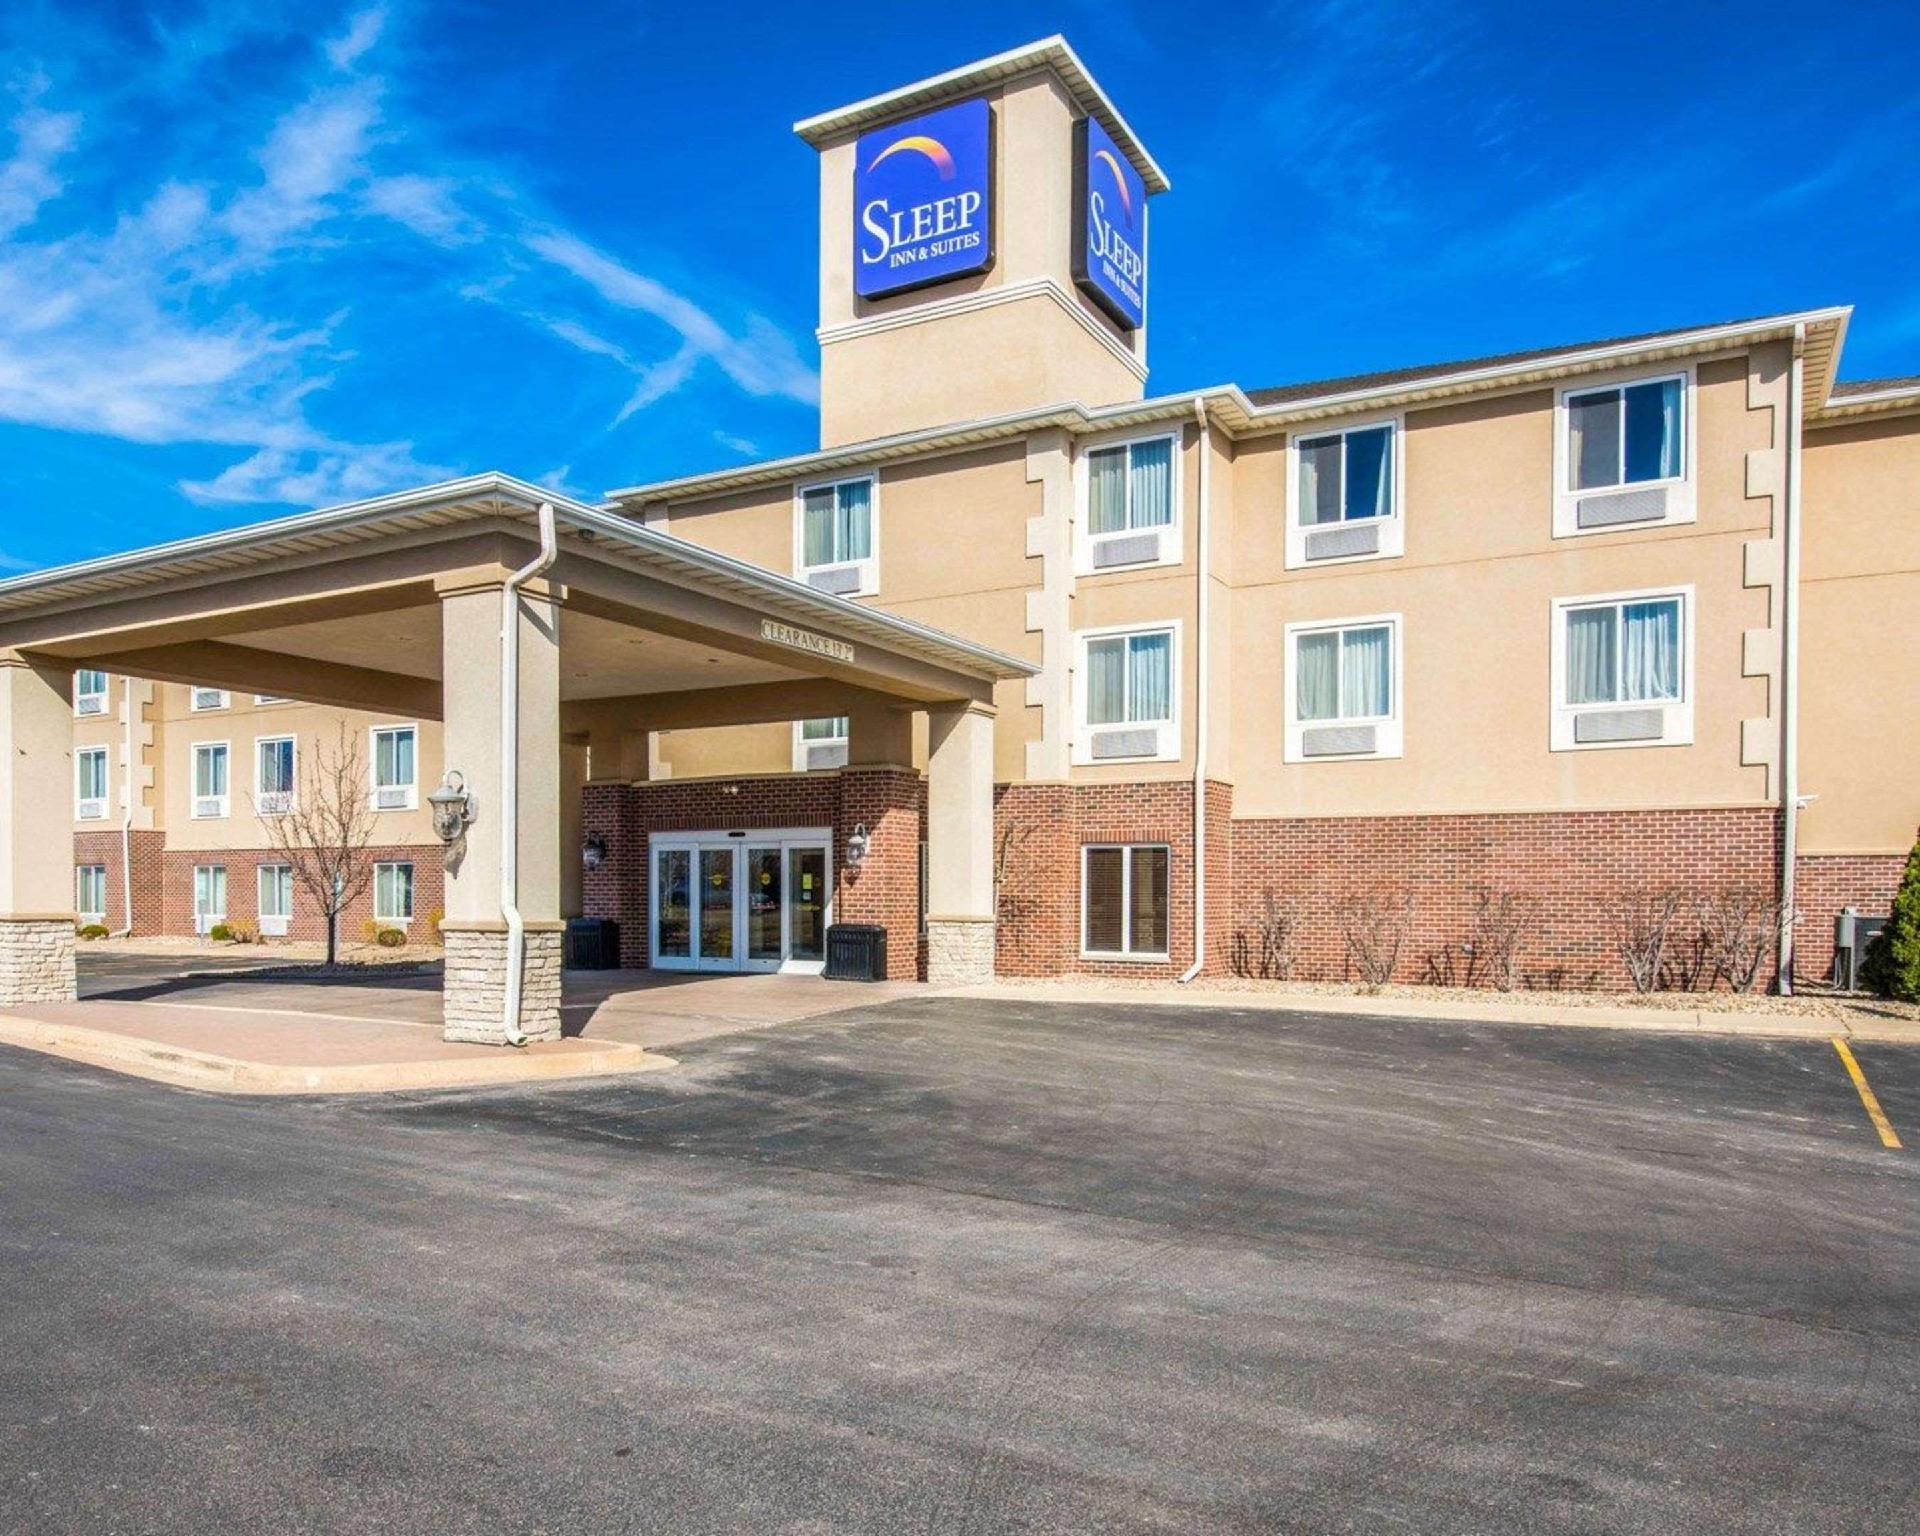 Sleep Inn And Suites Washington